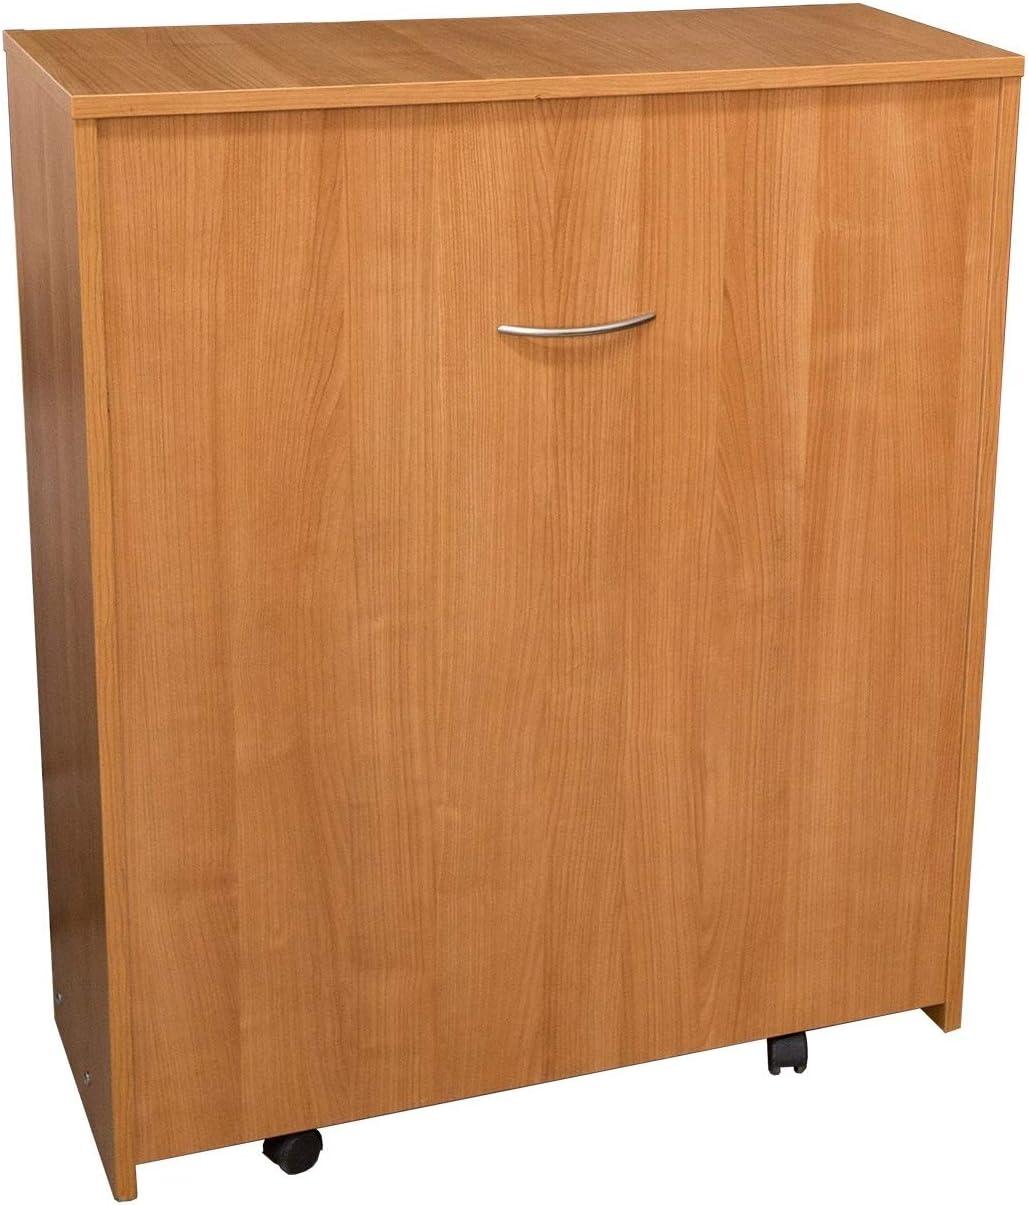 Mueble con cama plegable, abatible, de color madera, con somier y colchón